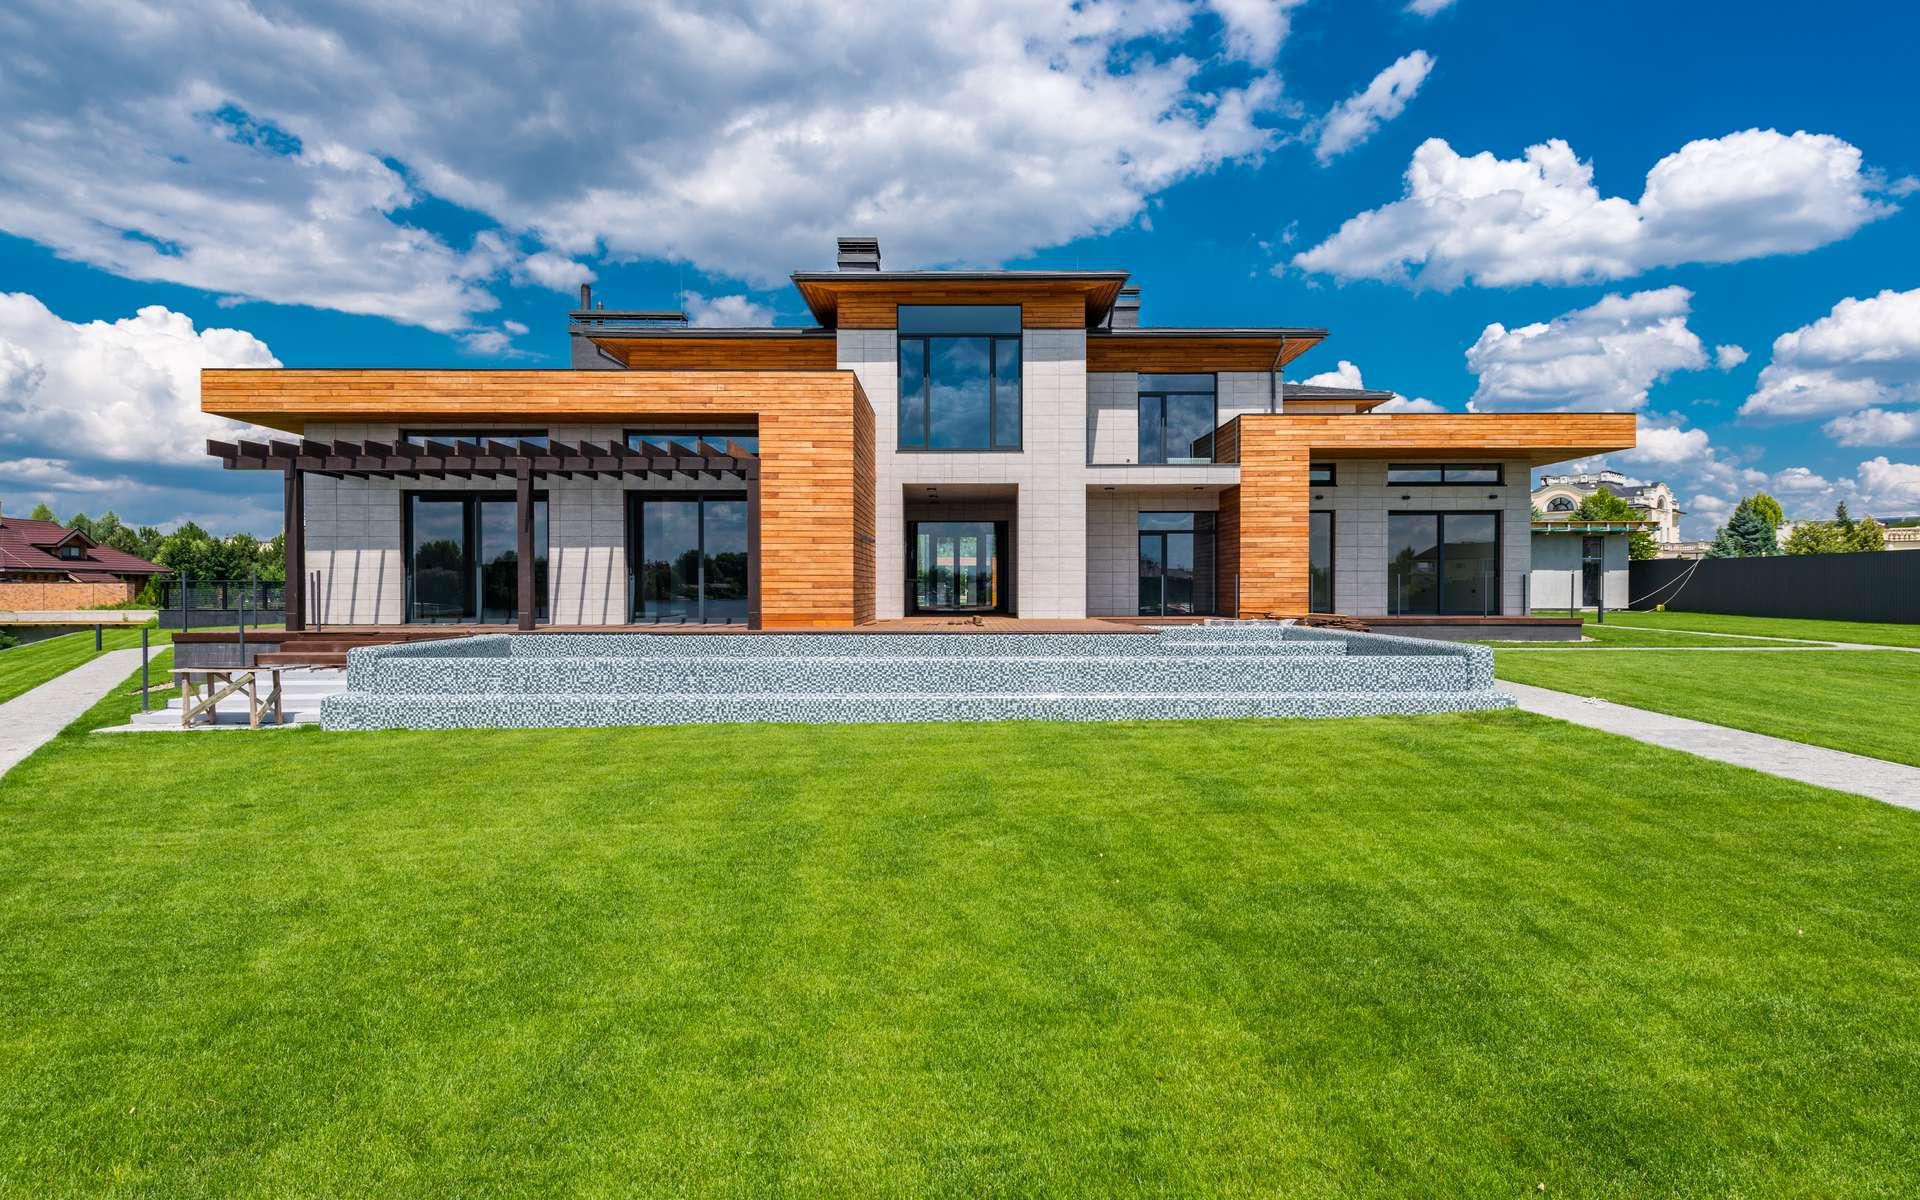 Habiter une maison est plus que jamais un objectif pour bien vivre. © max vakhtbovych, Pexels